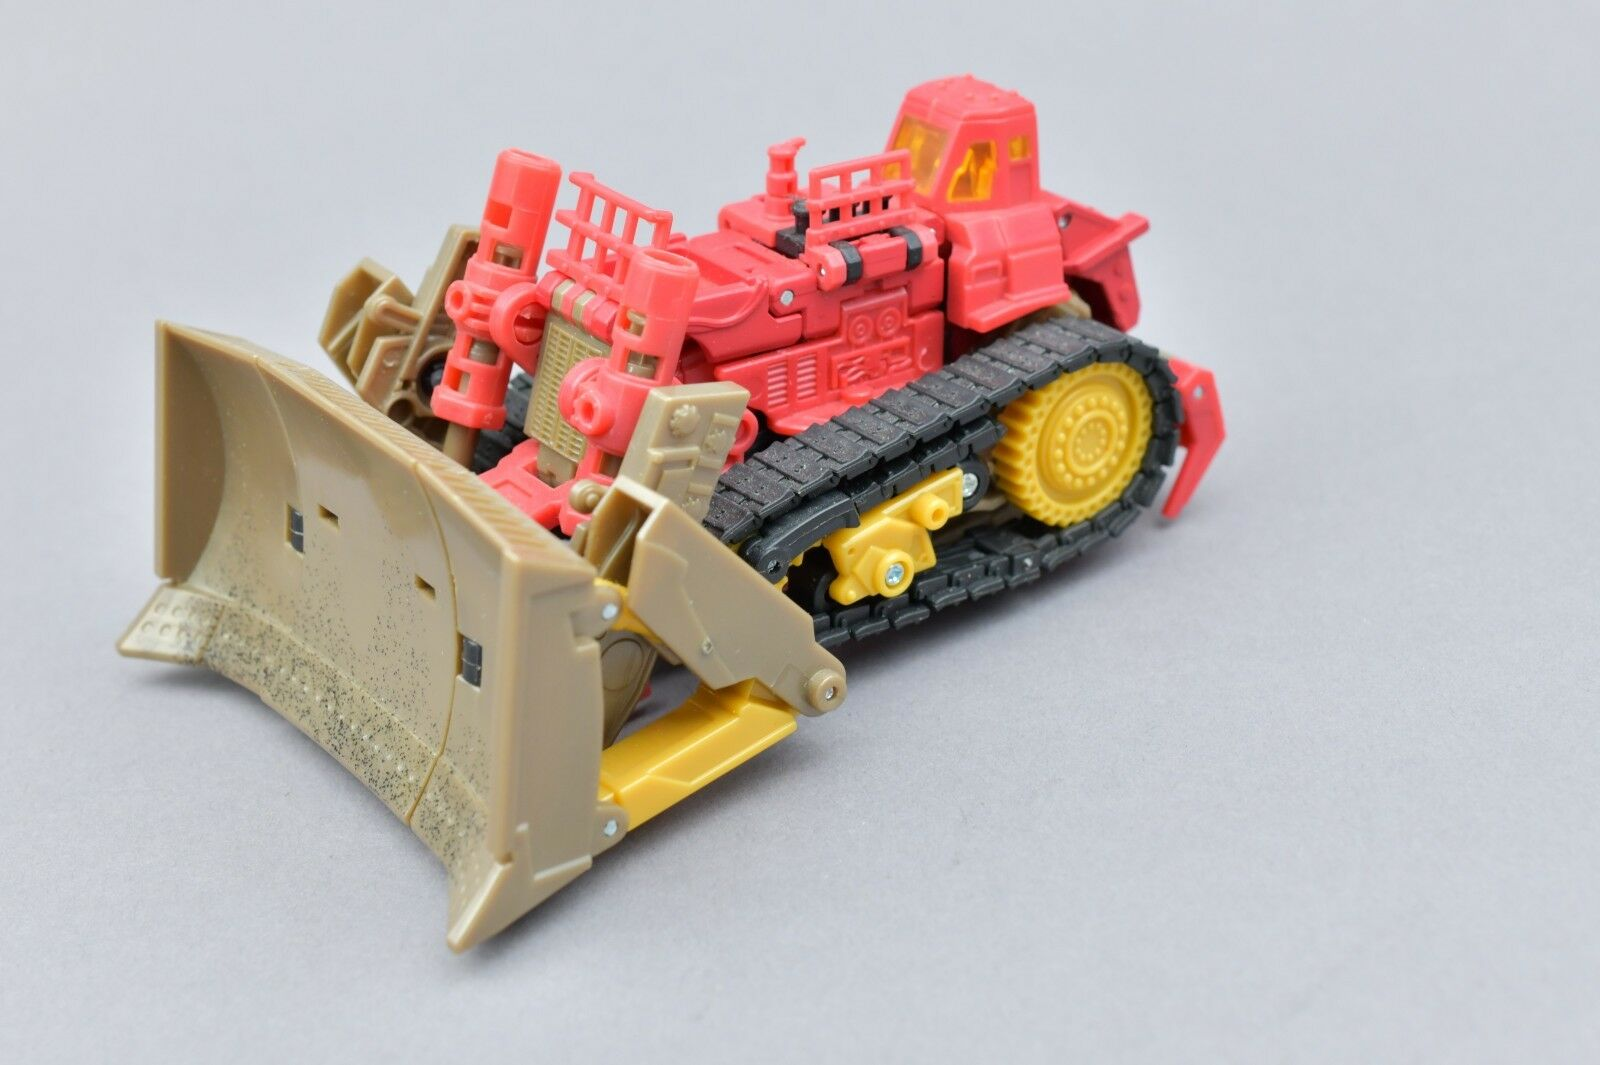 Transformers la venganza de los caídos Desierto Combate Rampage la venganza de los caídos RD-21 rosso Takara